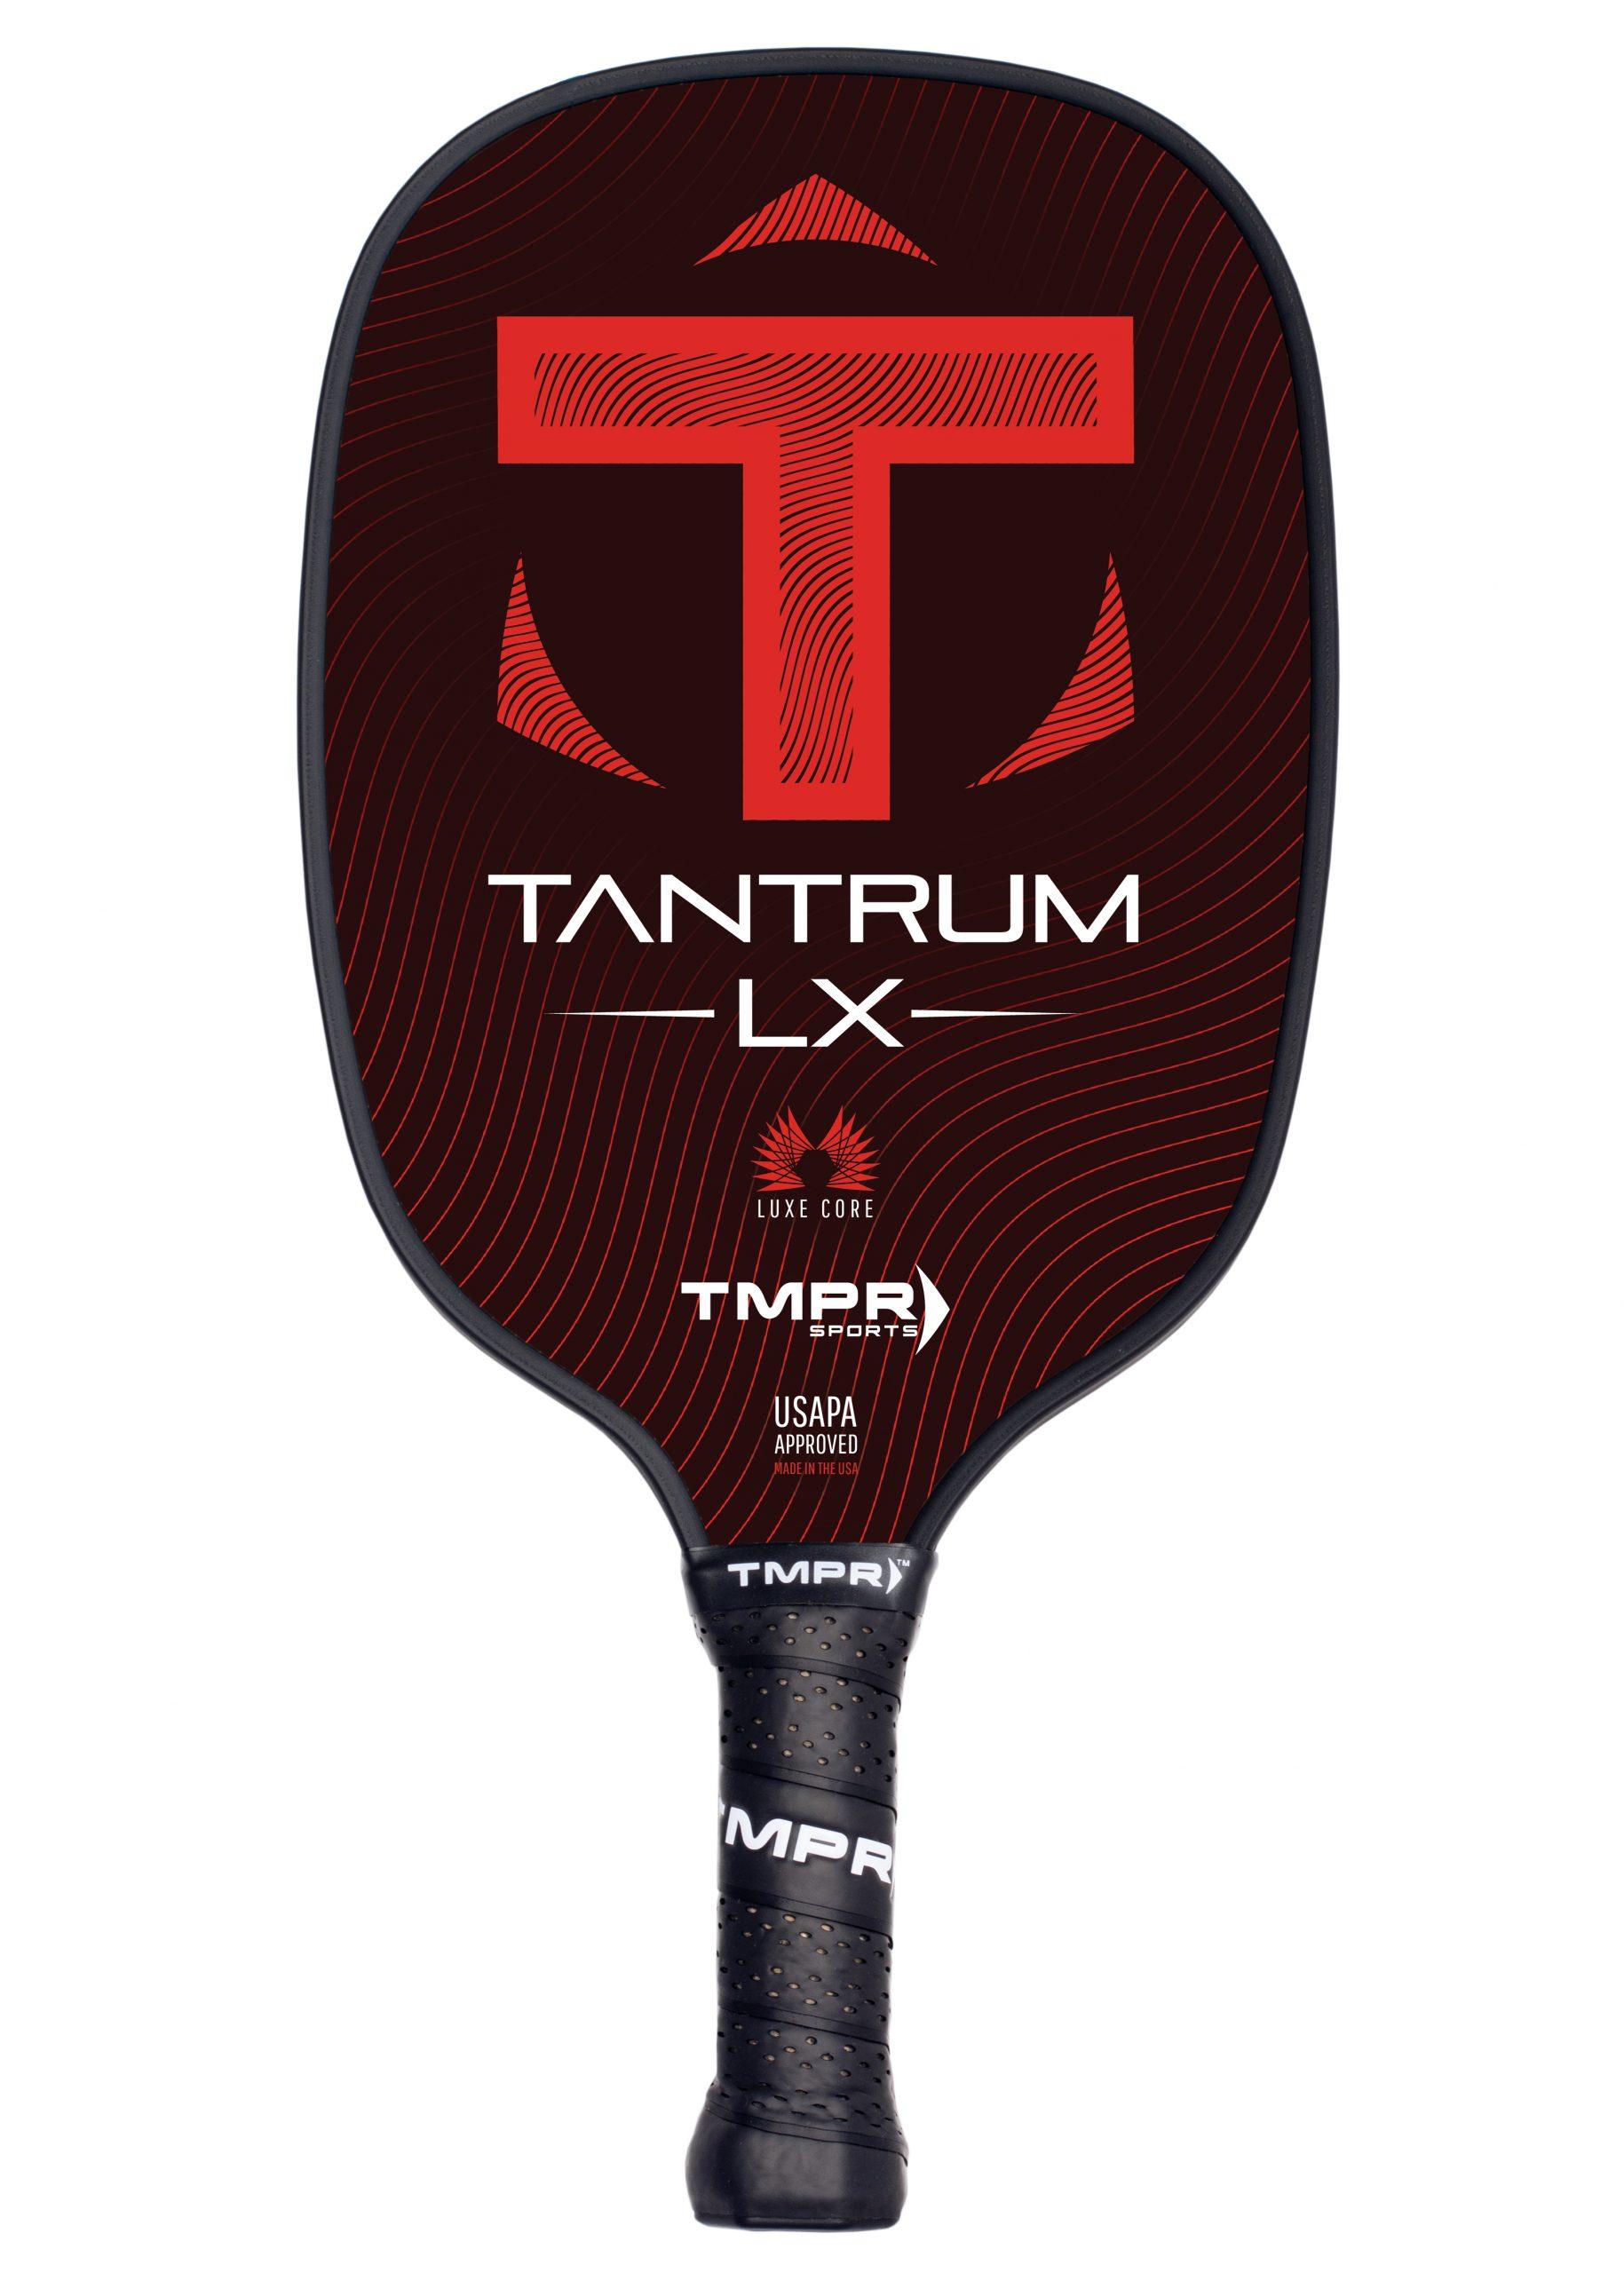 Tantrum LX pickleball paddleRed